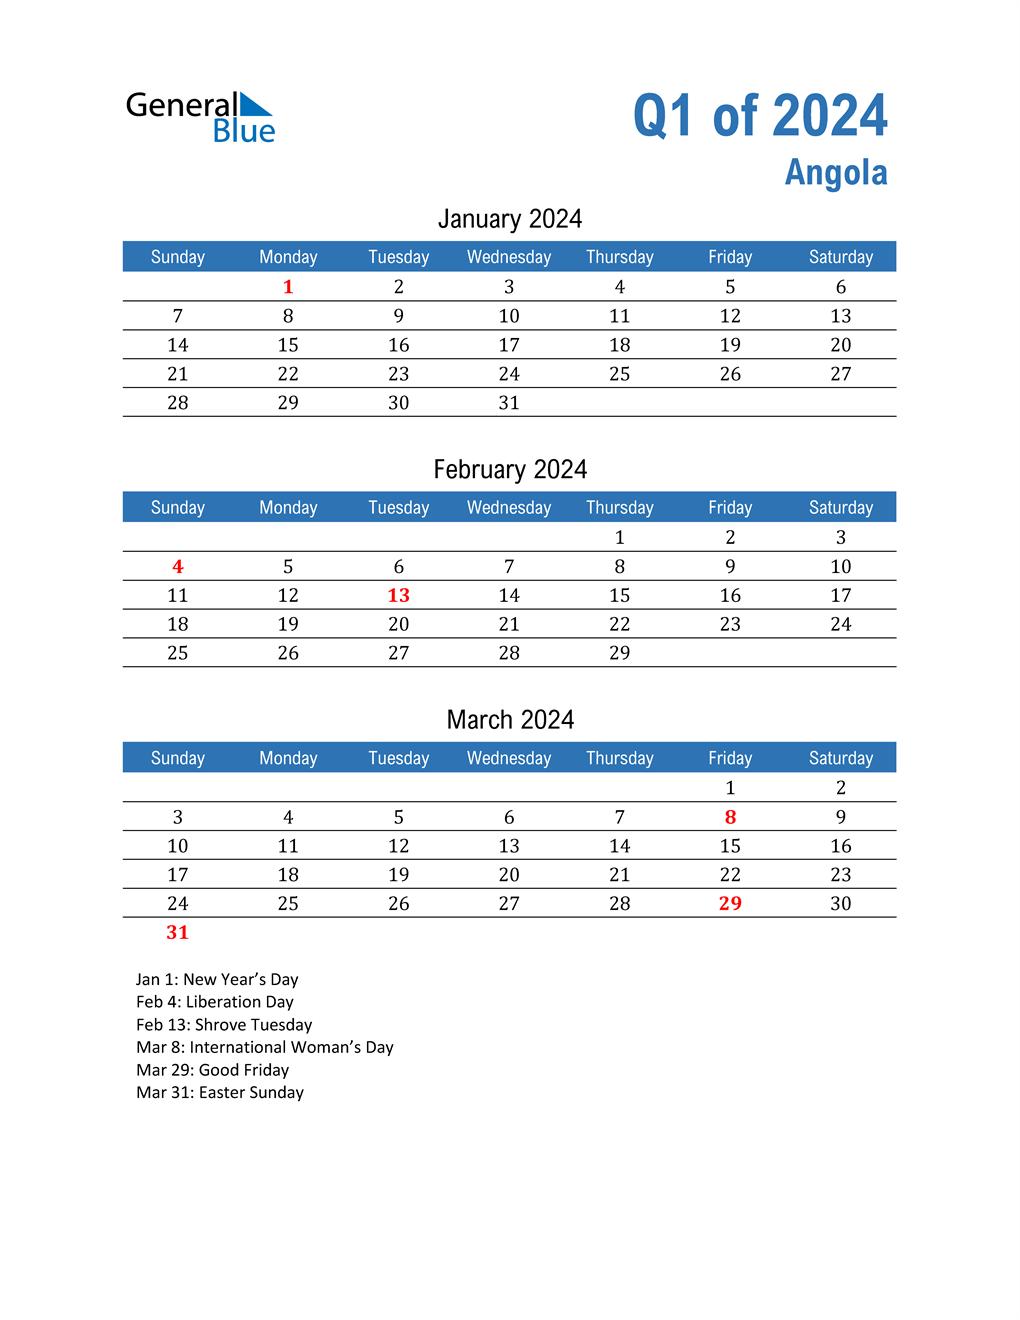 Angola 2024 Quarterly Calendar